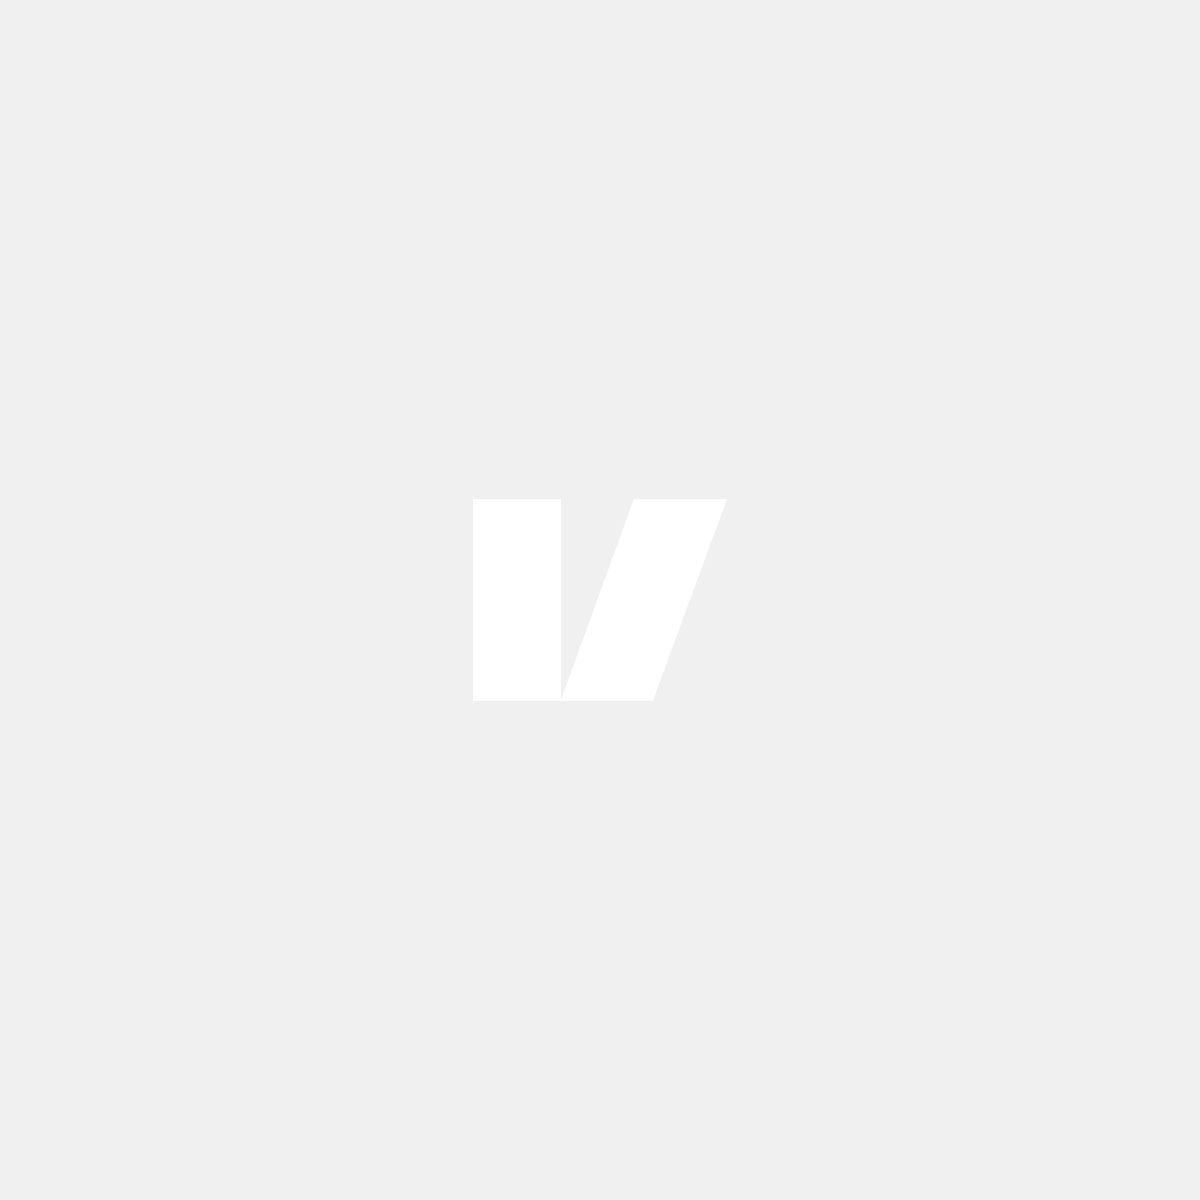 Vindavvisare till Volvo S80 99-05, 4 dörrar